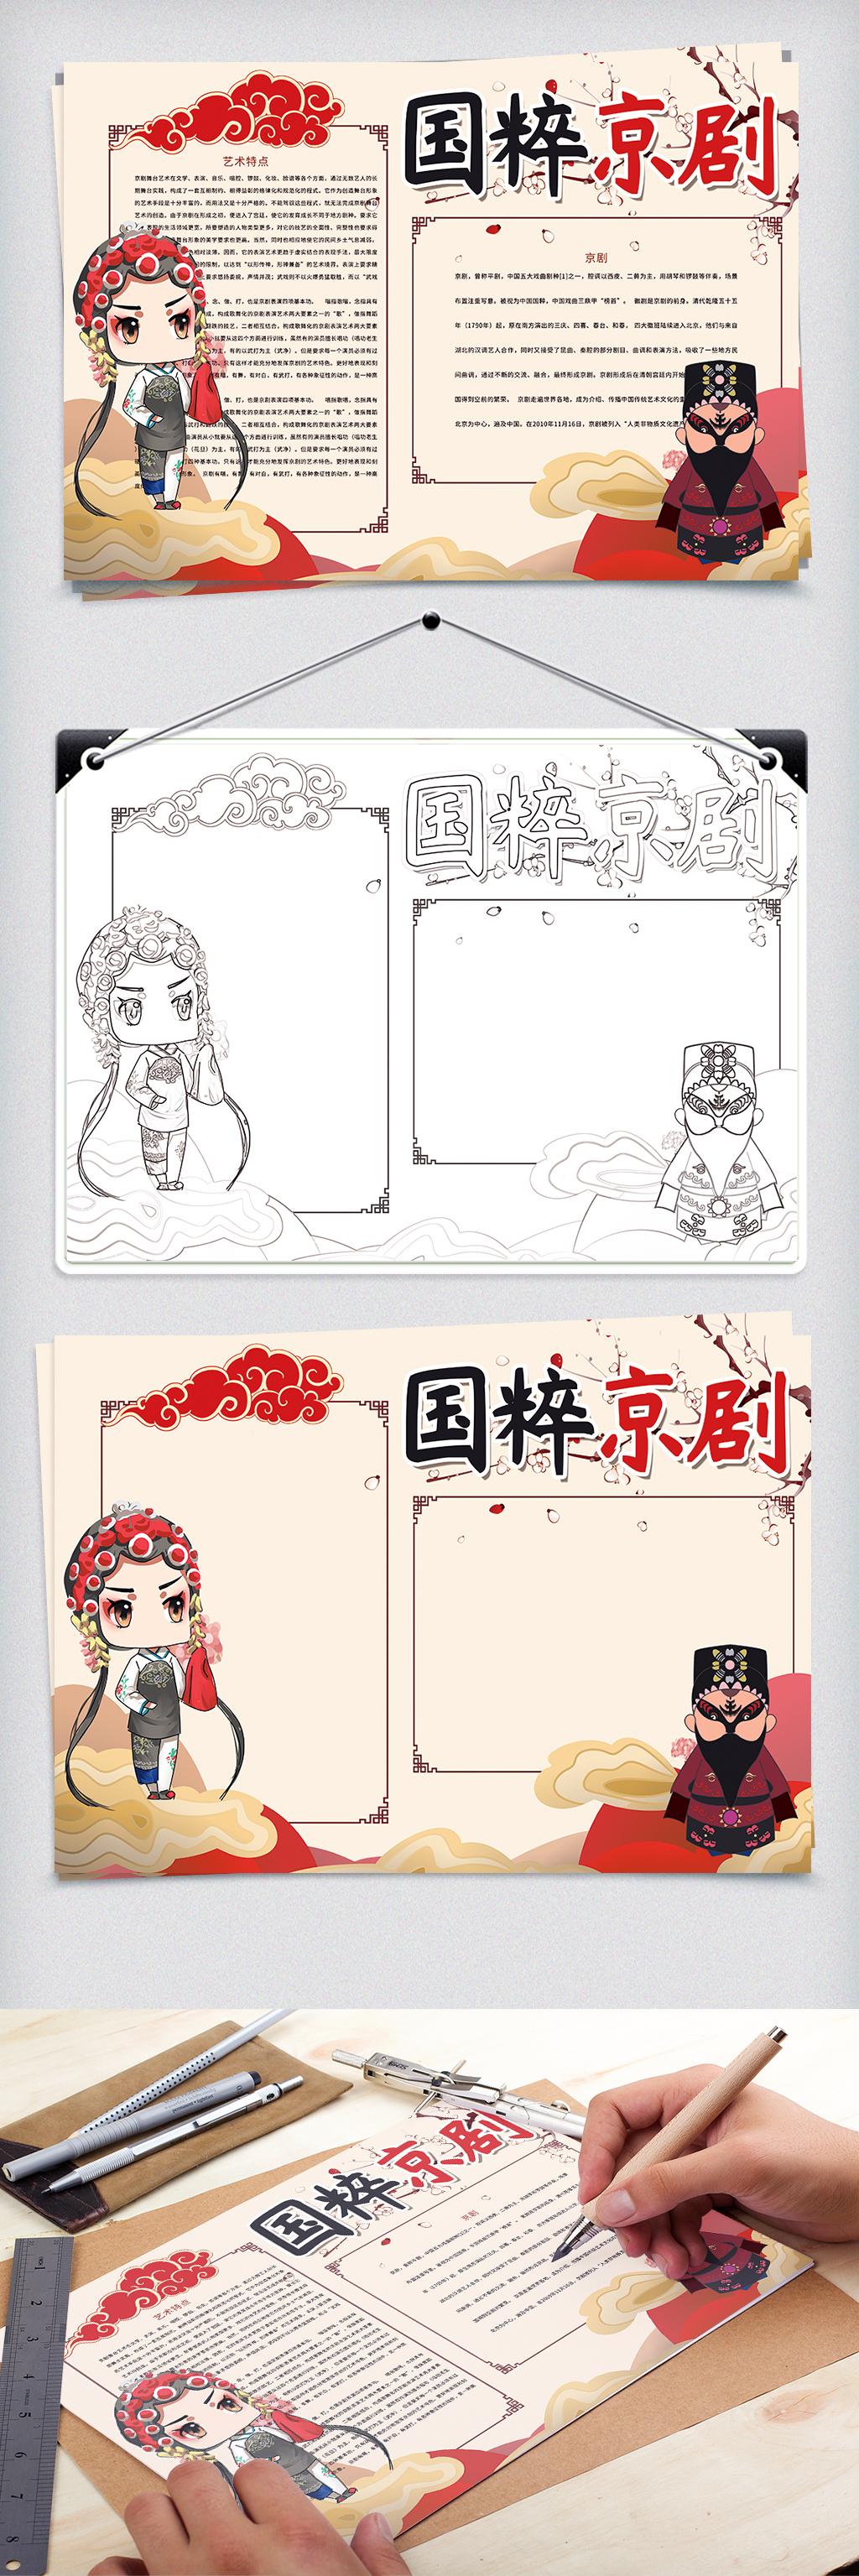 手抄报|小报 其他 传统文化手抄报 > 中国风国粹京剧传统文化小报